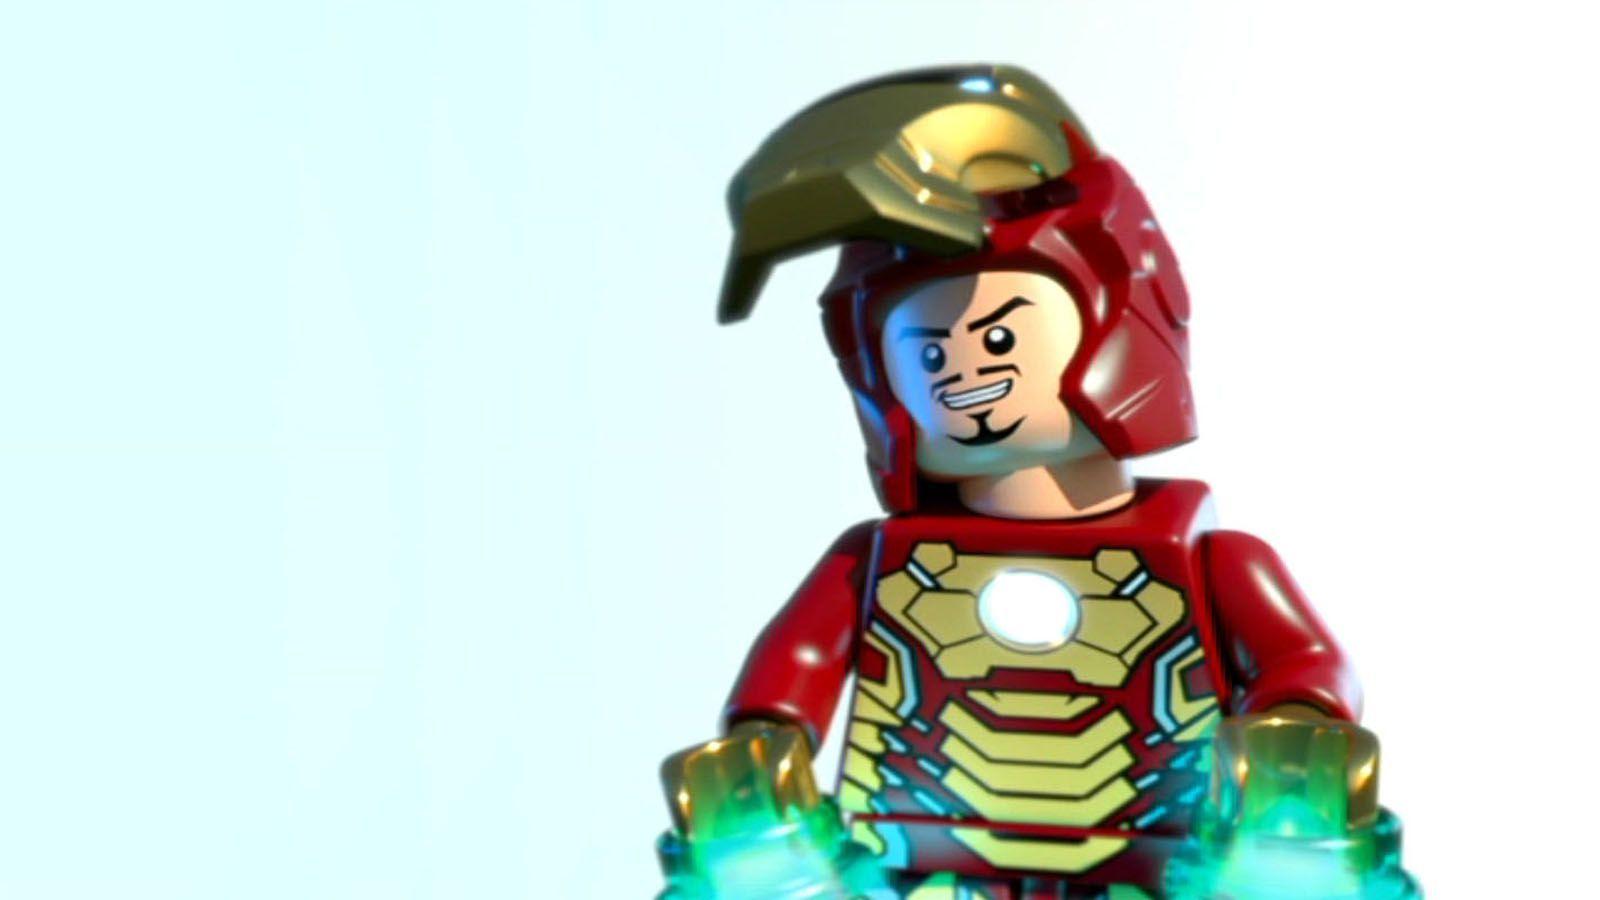 Lego Iron Man Wallpaper